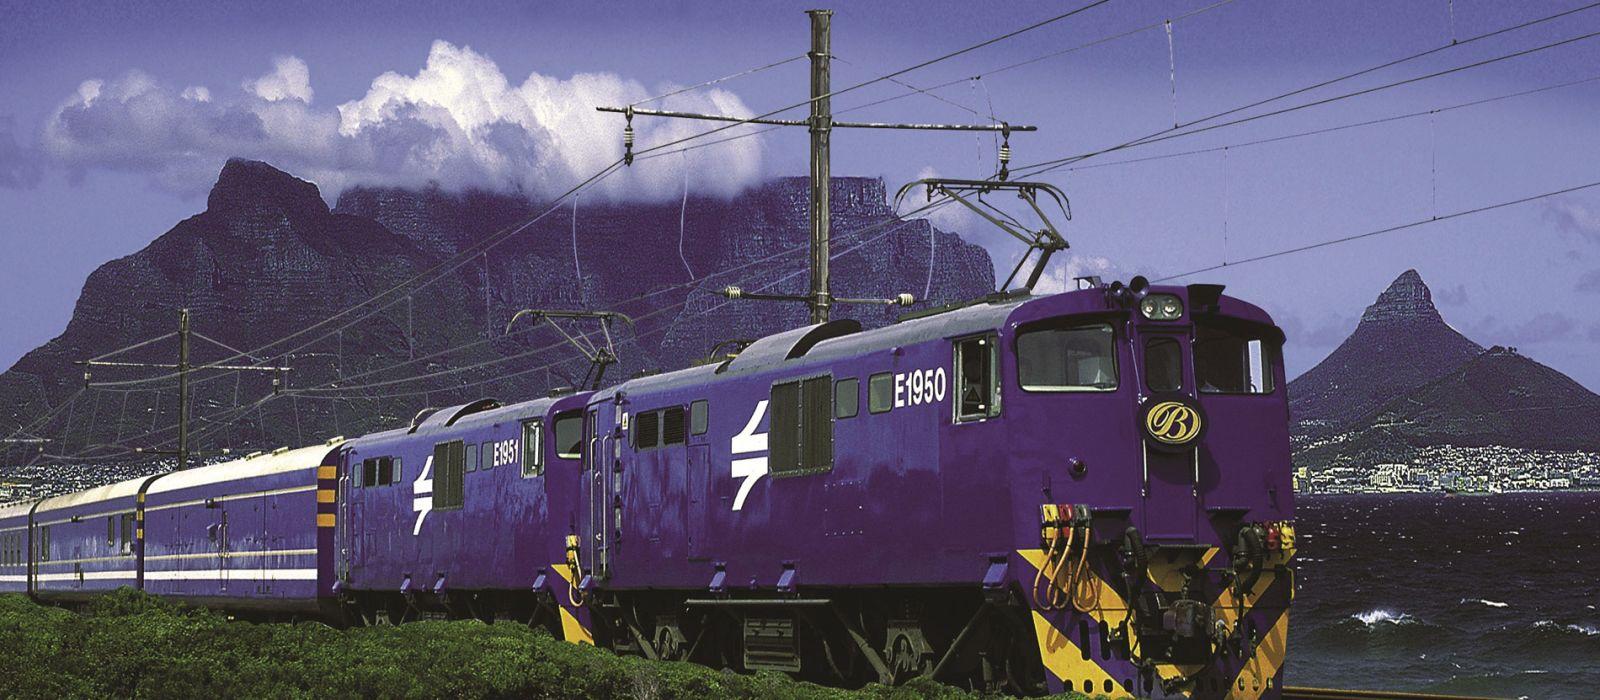 Hotel Blue Train (Pretoria – Cape Town) South Africa